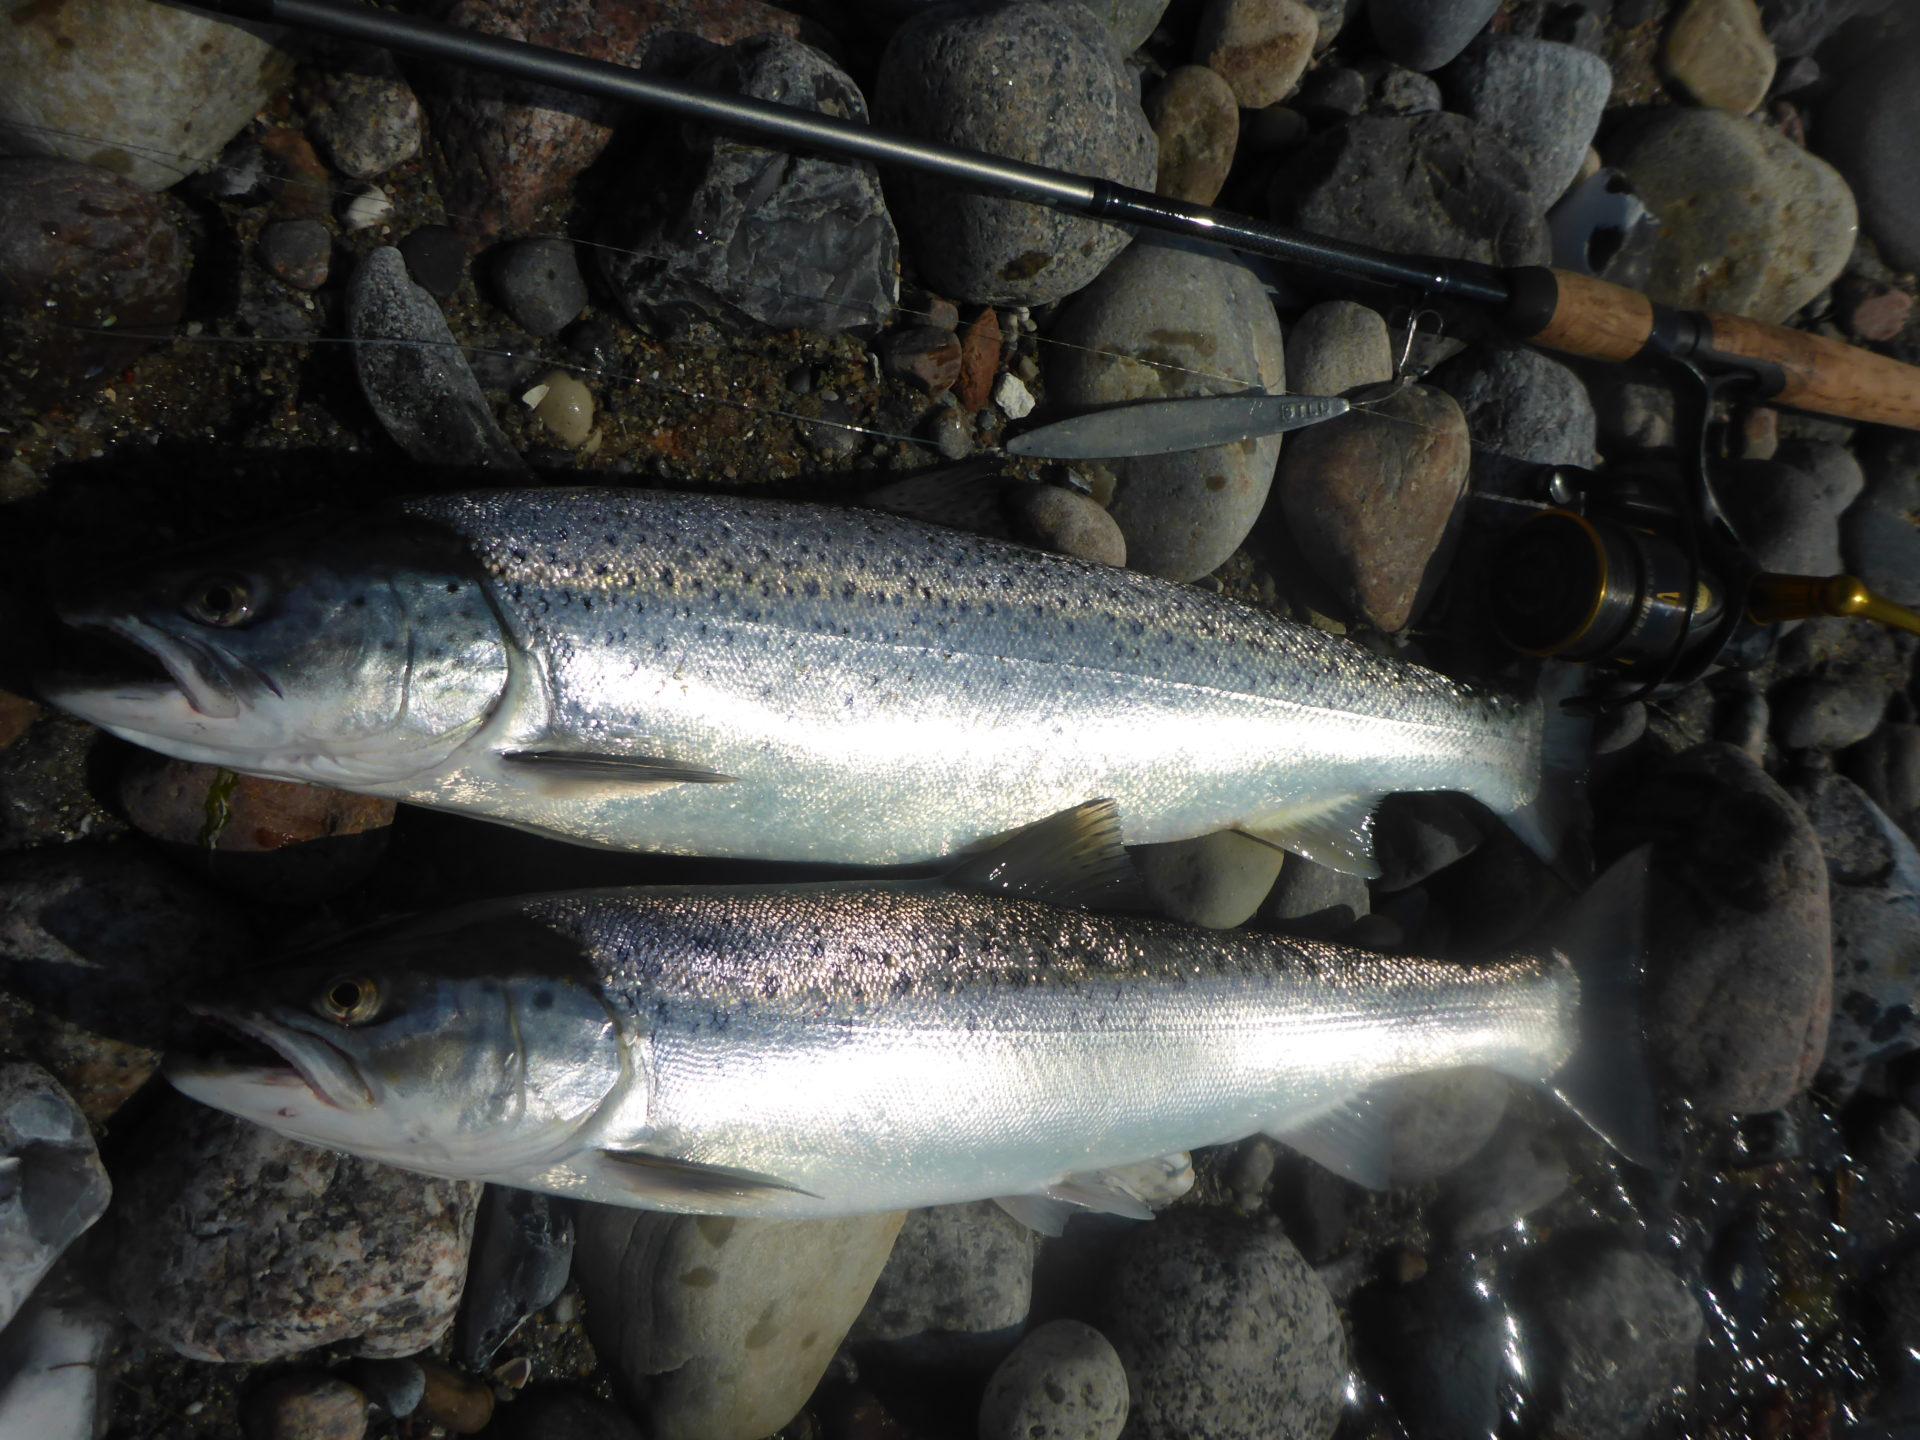 Lystfiskeri i Aabenraa Fjords forlængede arm, Genner Bugt, er altid en fiskedag eller 2 værd.